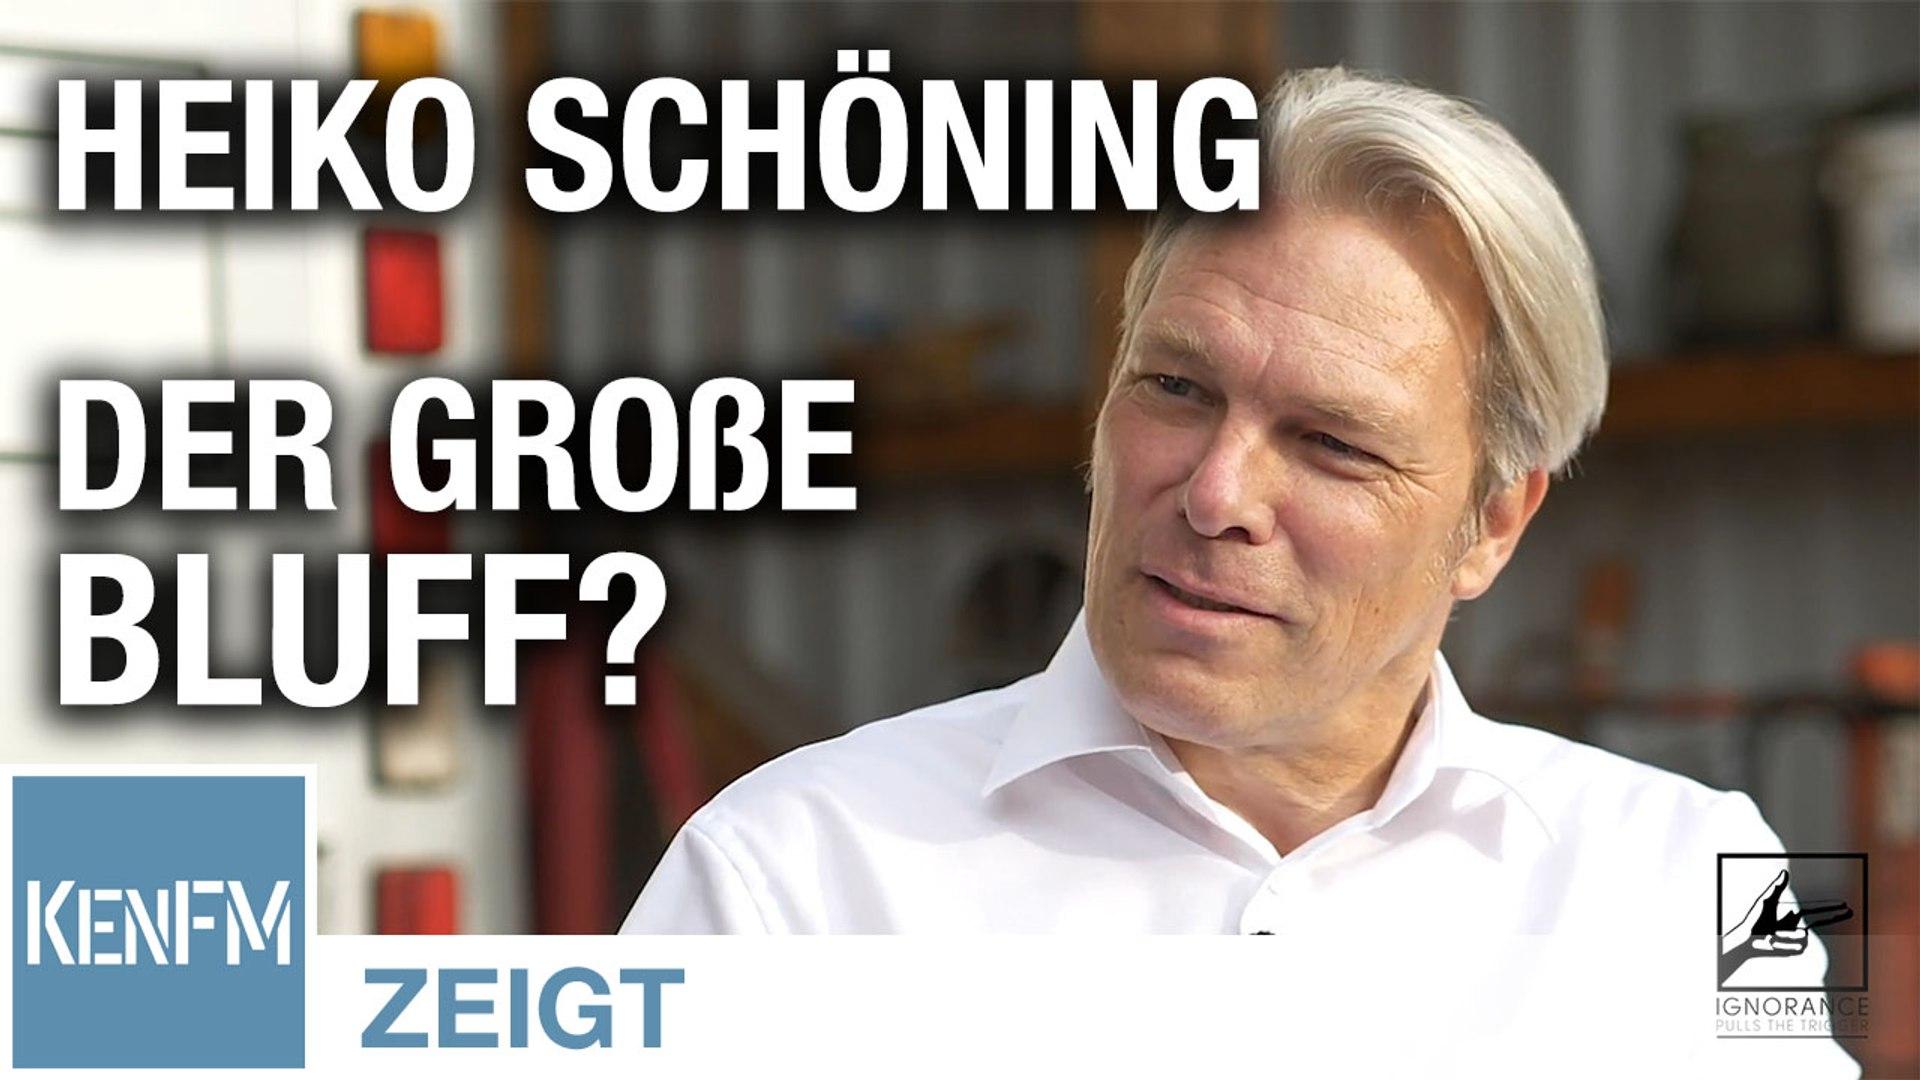 Heiko Schöning – Der große Bluff?